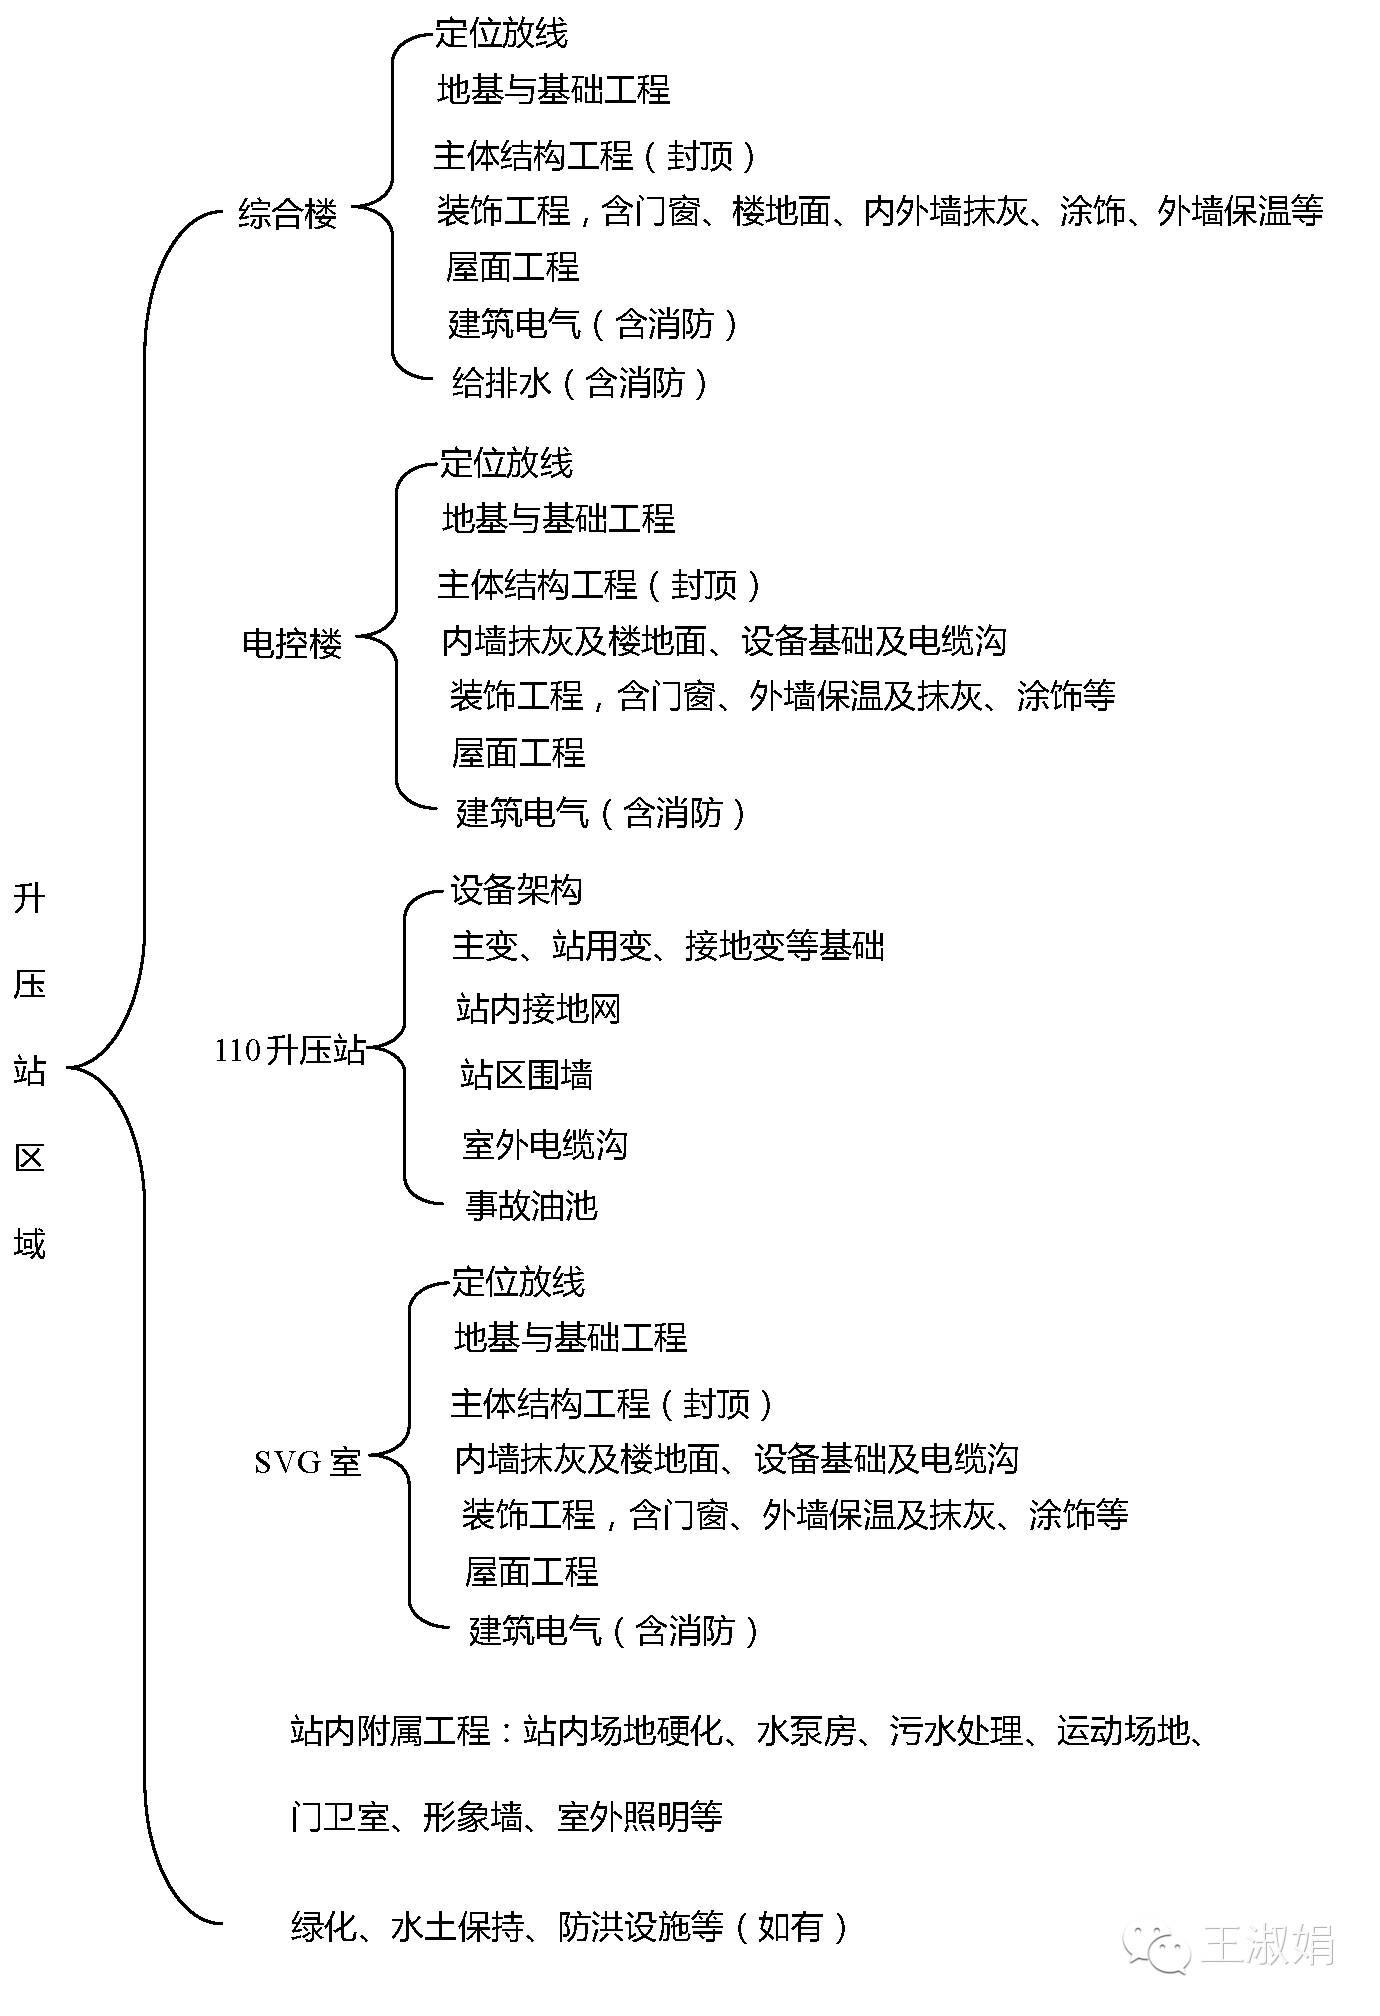 【详解】地面光伏电站施工流程